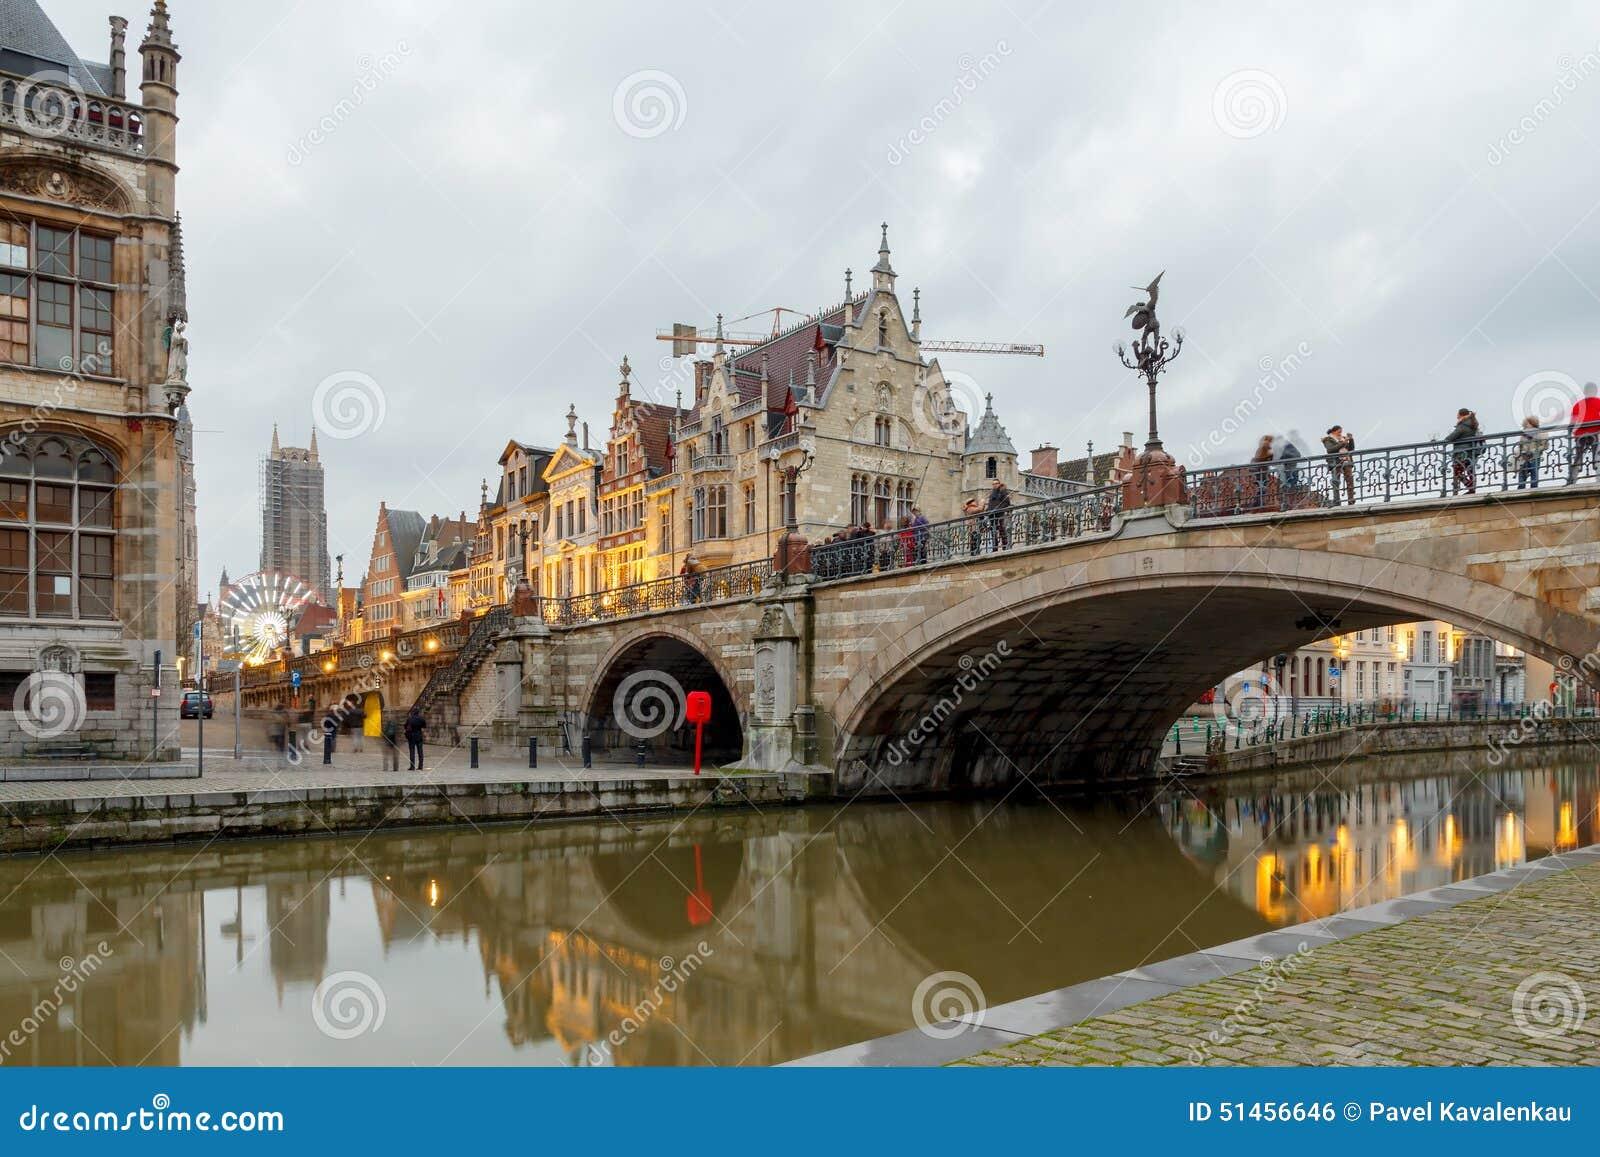 België gent